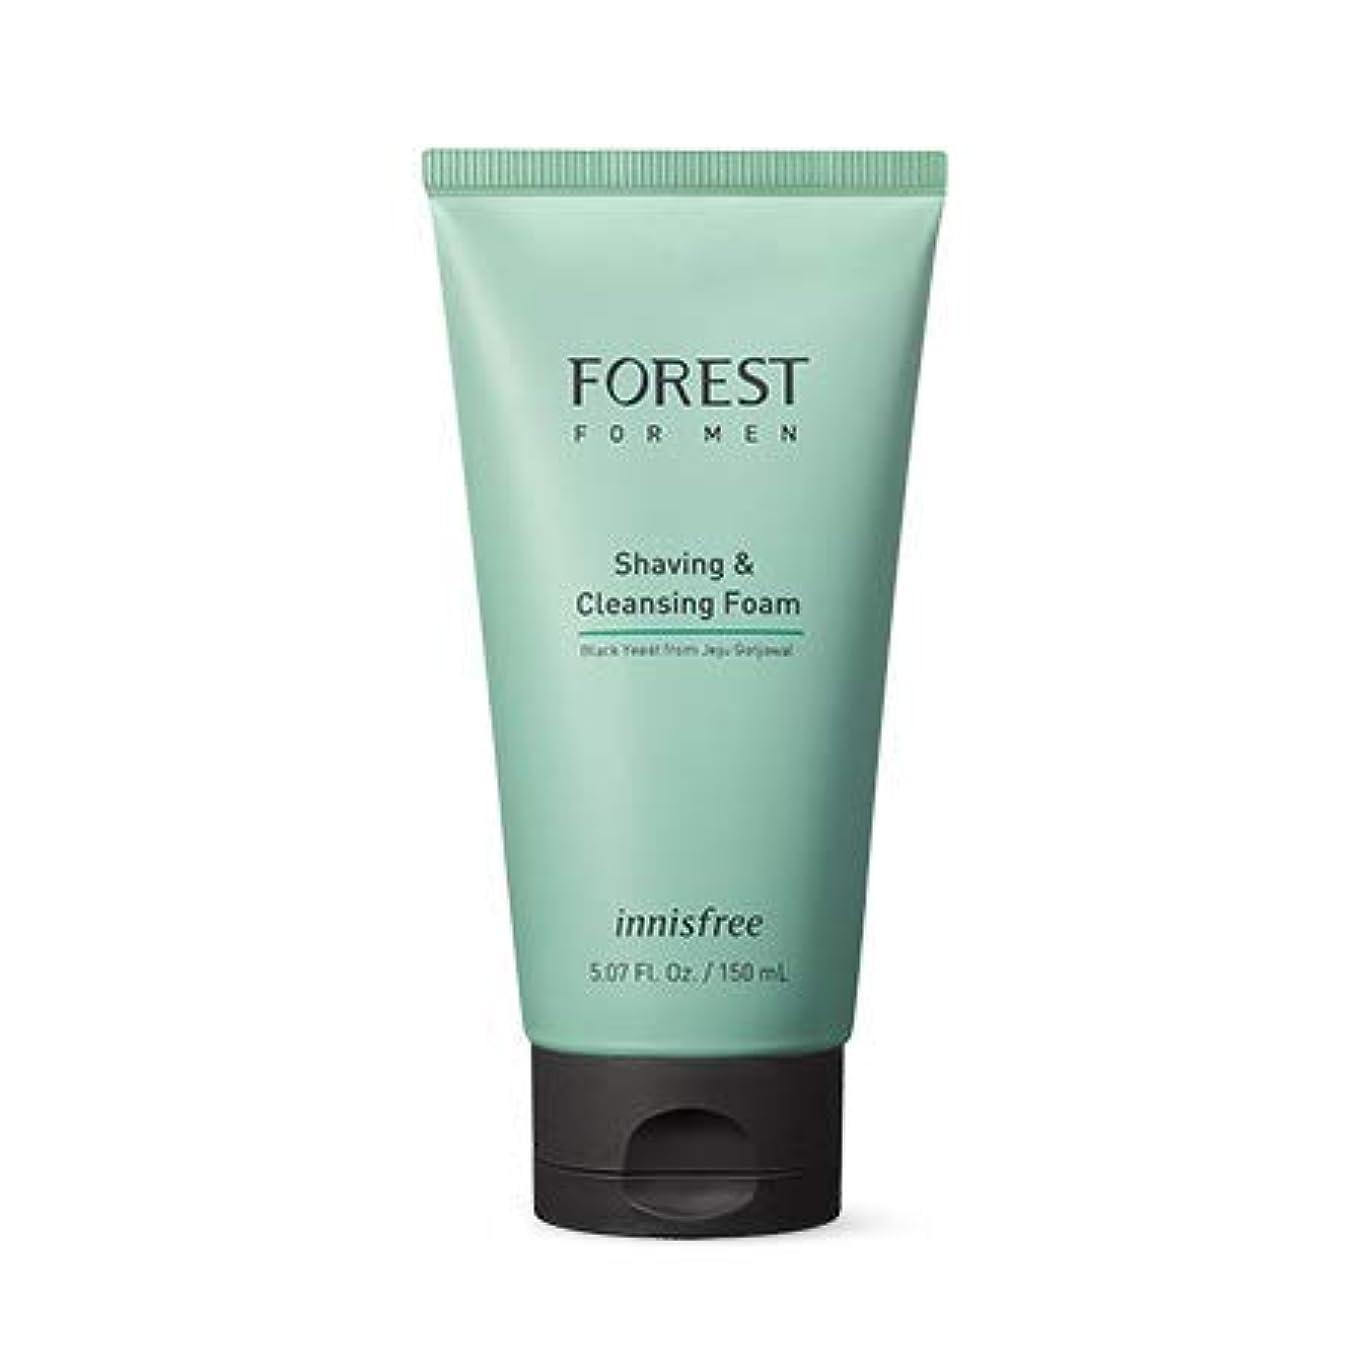 登録する抗議妥協[イニスフリー.innisfree]フォレストフォアマンシェービング&クレンジングフォーム150mL(2019.05新製品)/ Forest for Men Shaving&Cleansing Foam